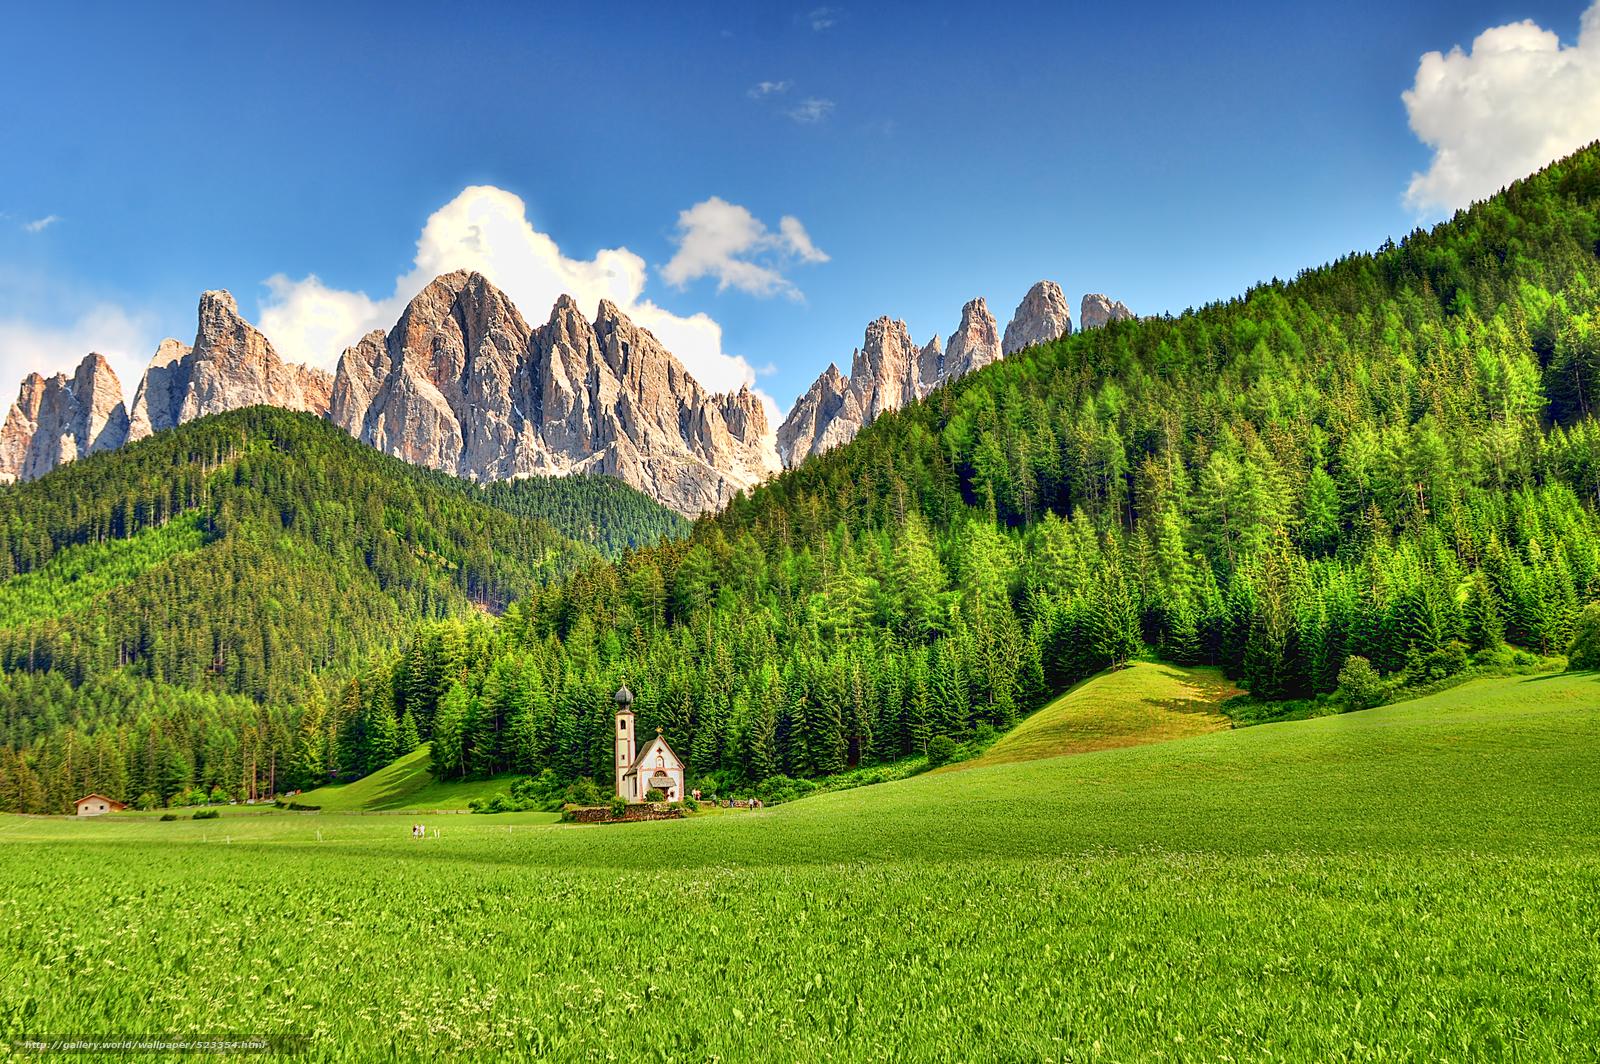 Scaricare gli sfondi paesaggio foresta montagne sfondi for Foto paesaggi gratis